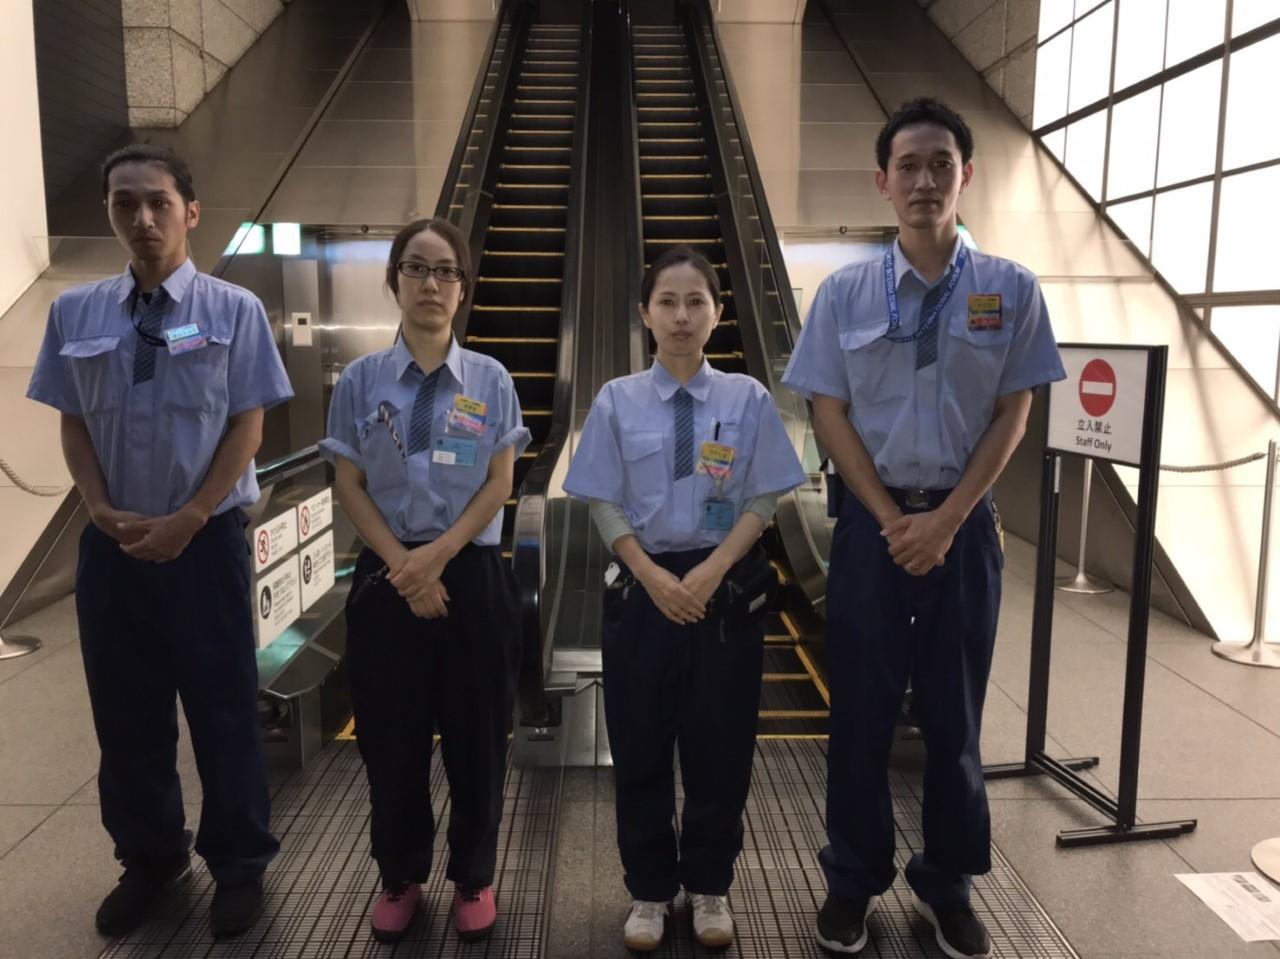 【短期OK】東京国際フォーラムをキレイに◎クリーンスタッフ大募集!未経験歓迎!